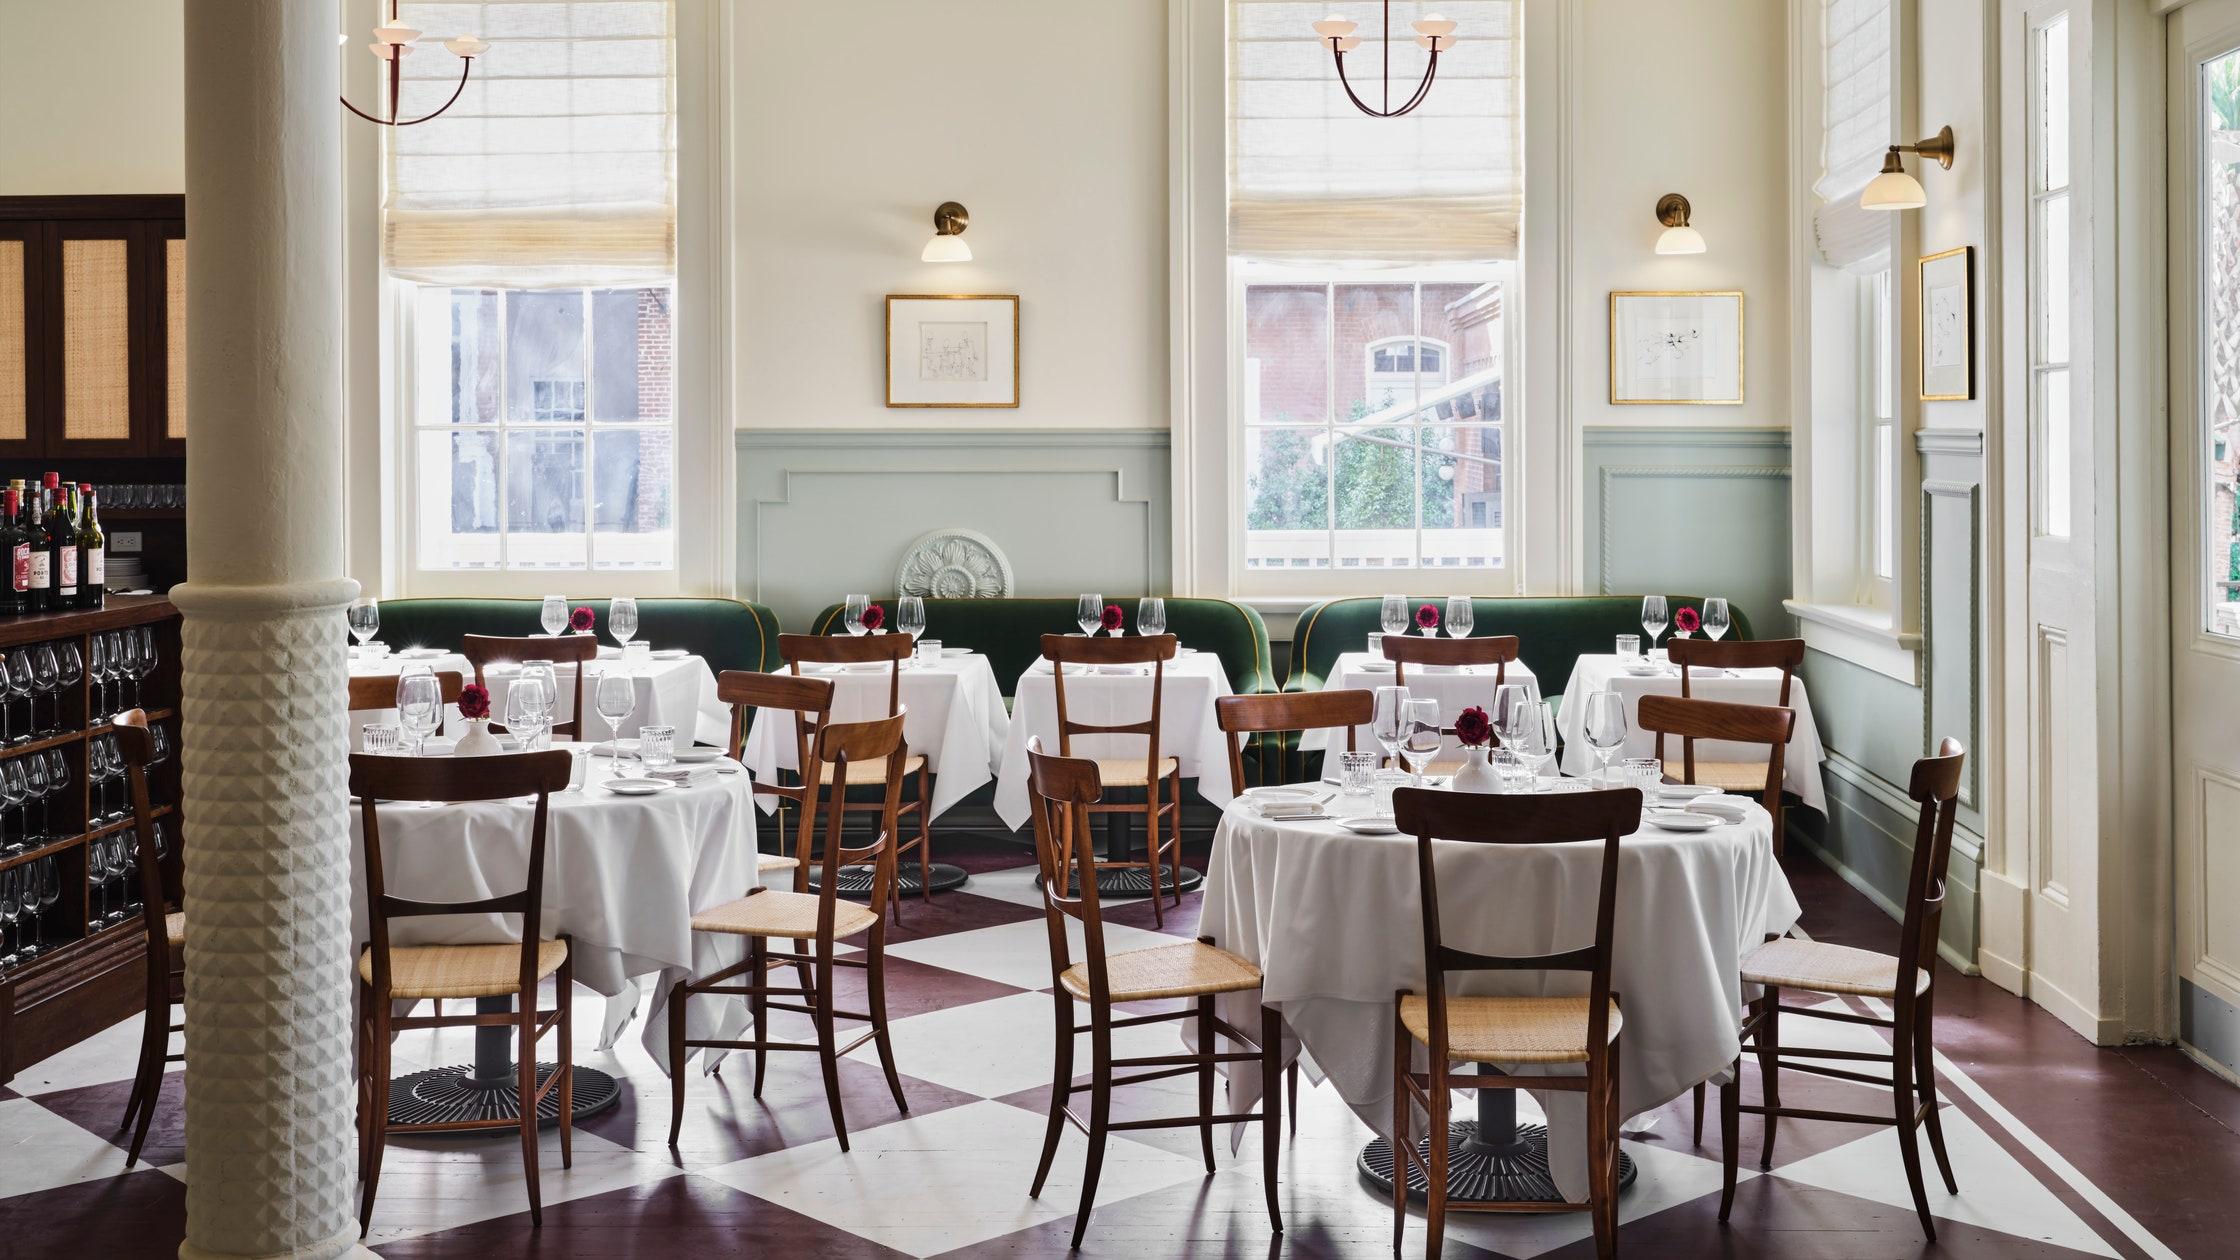 Hotel Saint Vincent's restaurant